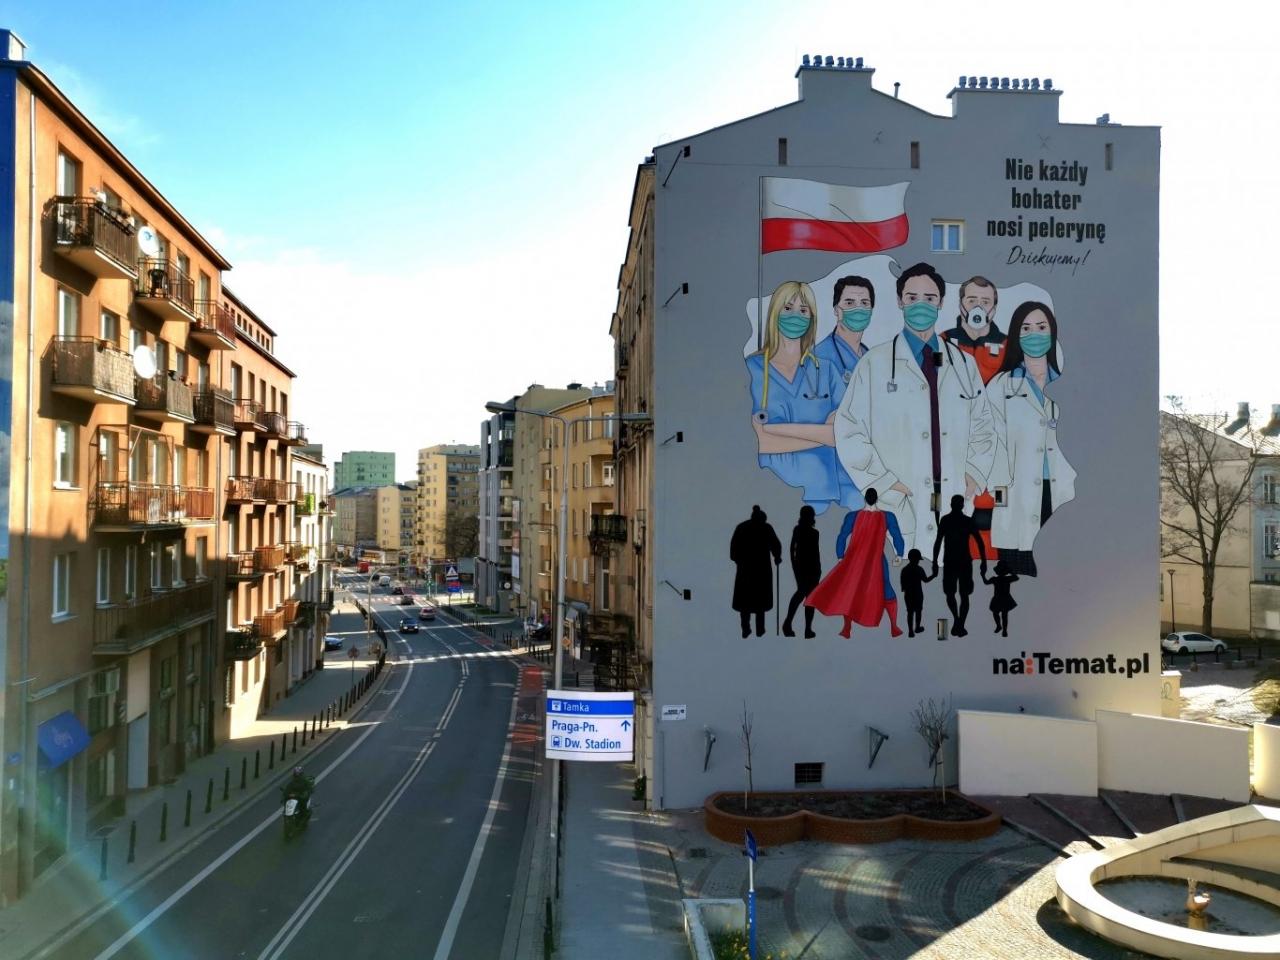 mural pn. Nie każdy bohater nosi pelerynę (graffiti - lekarze, pielęgniarki, ratownicy medyczni w maseczkach medycznych)